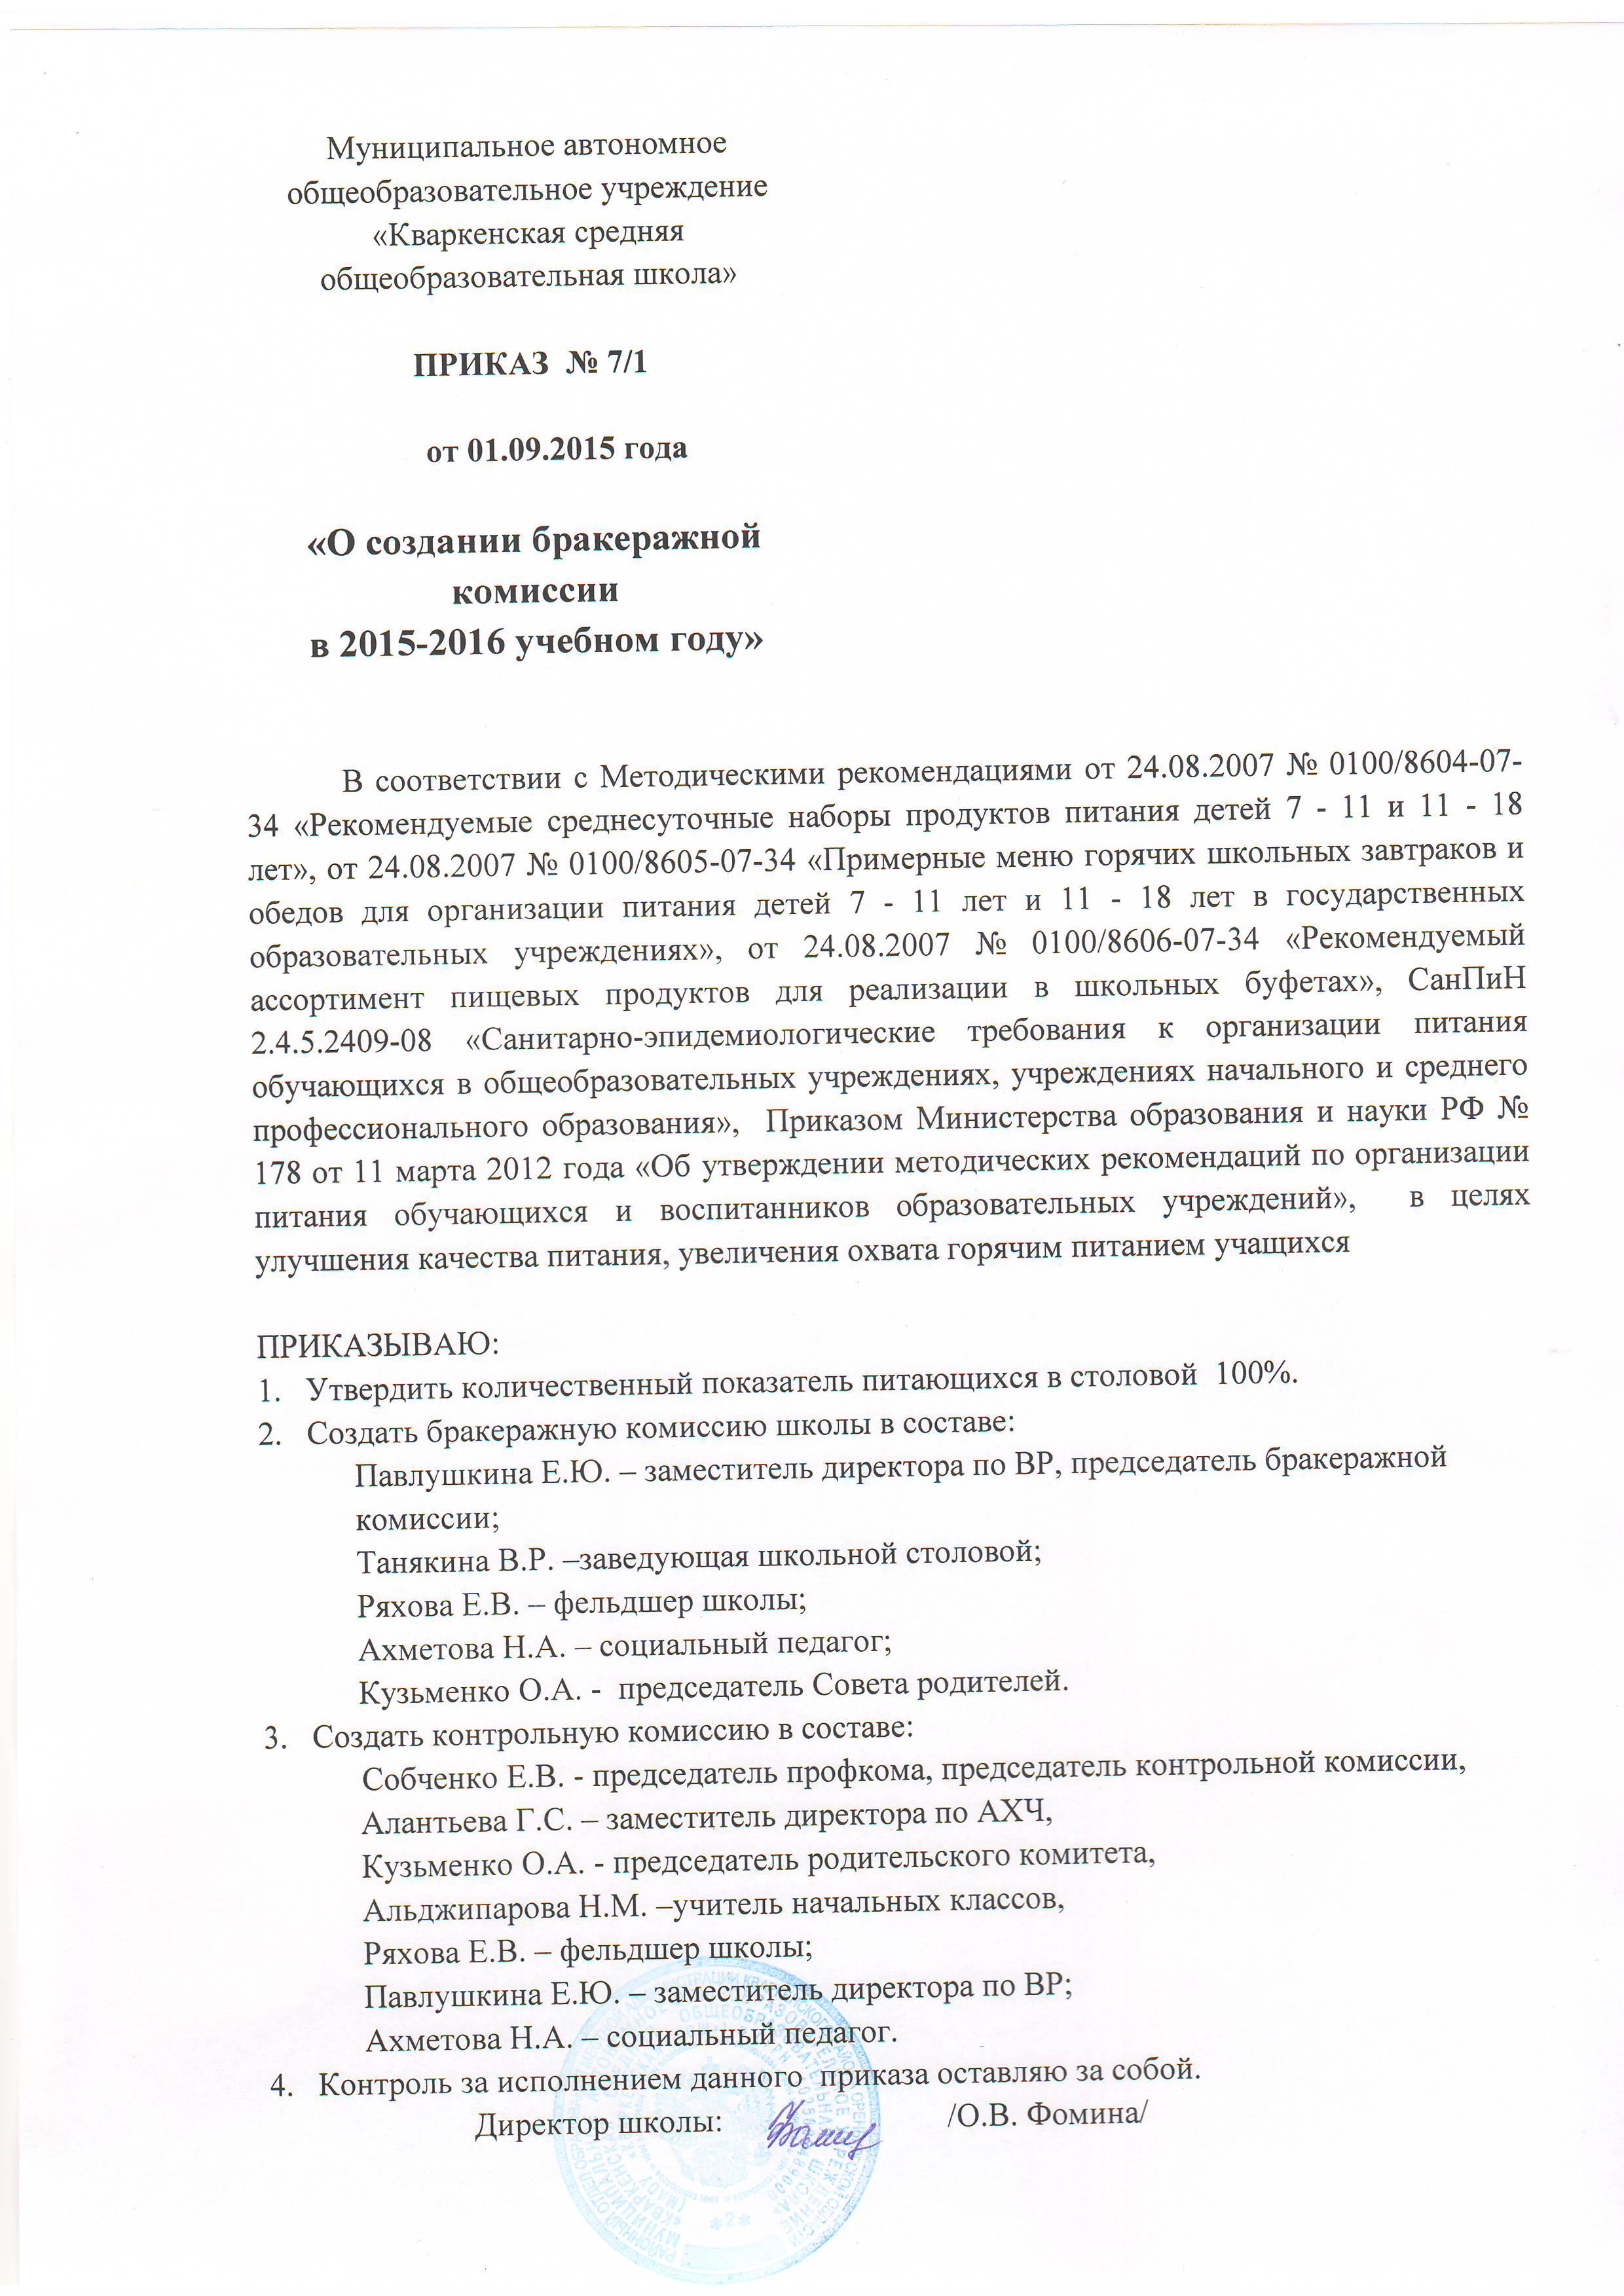 Голосовые поздравления с днем рождения от путина,медведева и жириновского